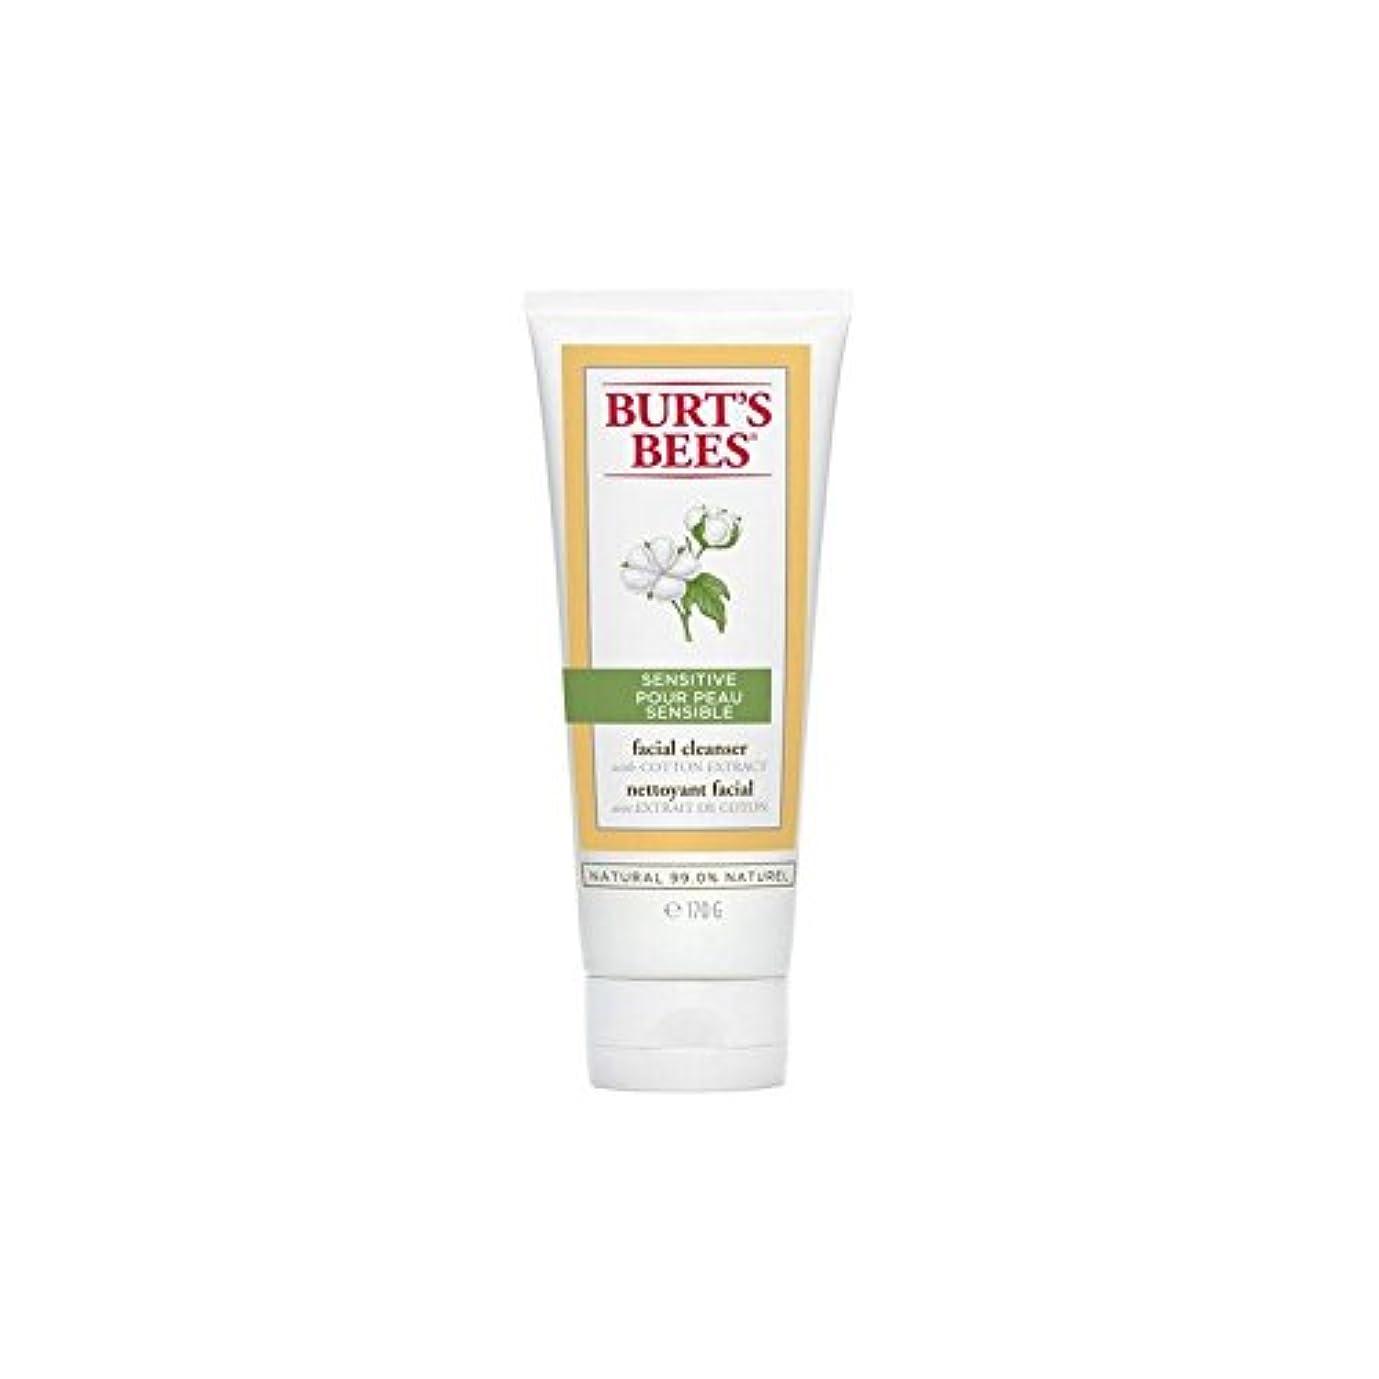 闘争壁鉛筆バーツビー敏感な洗顔料の170グラム x4 - Burt's Bees Sensitive Facial Cleanser 170G (Pack of 4) [並行輸入品]